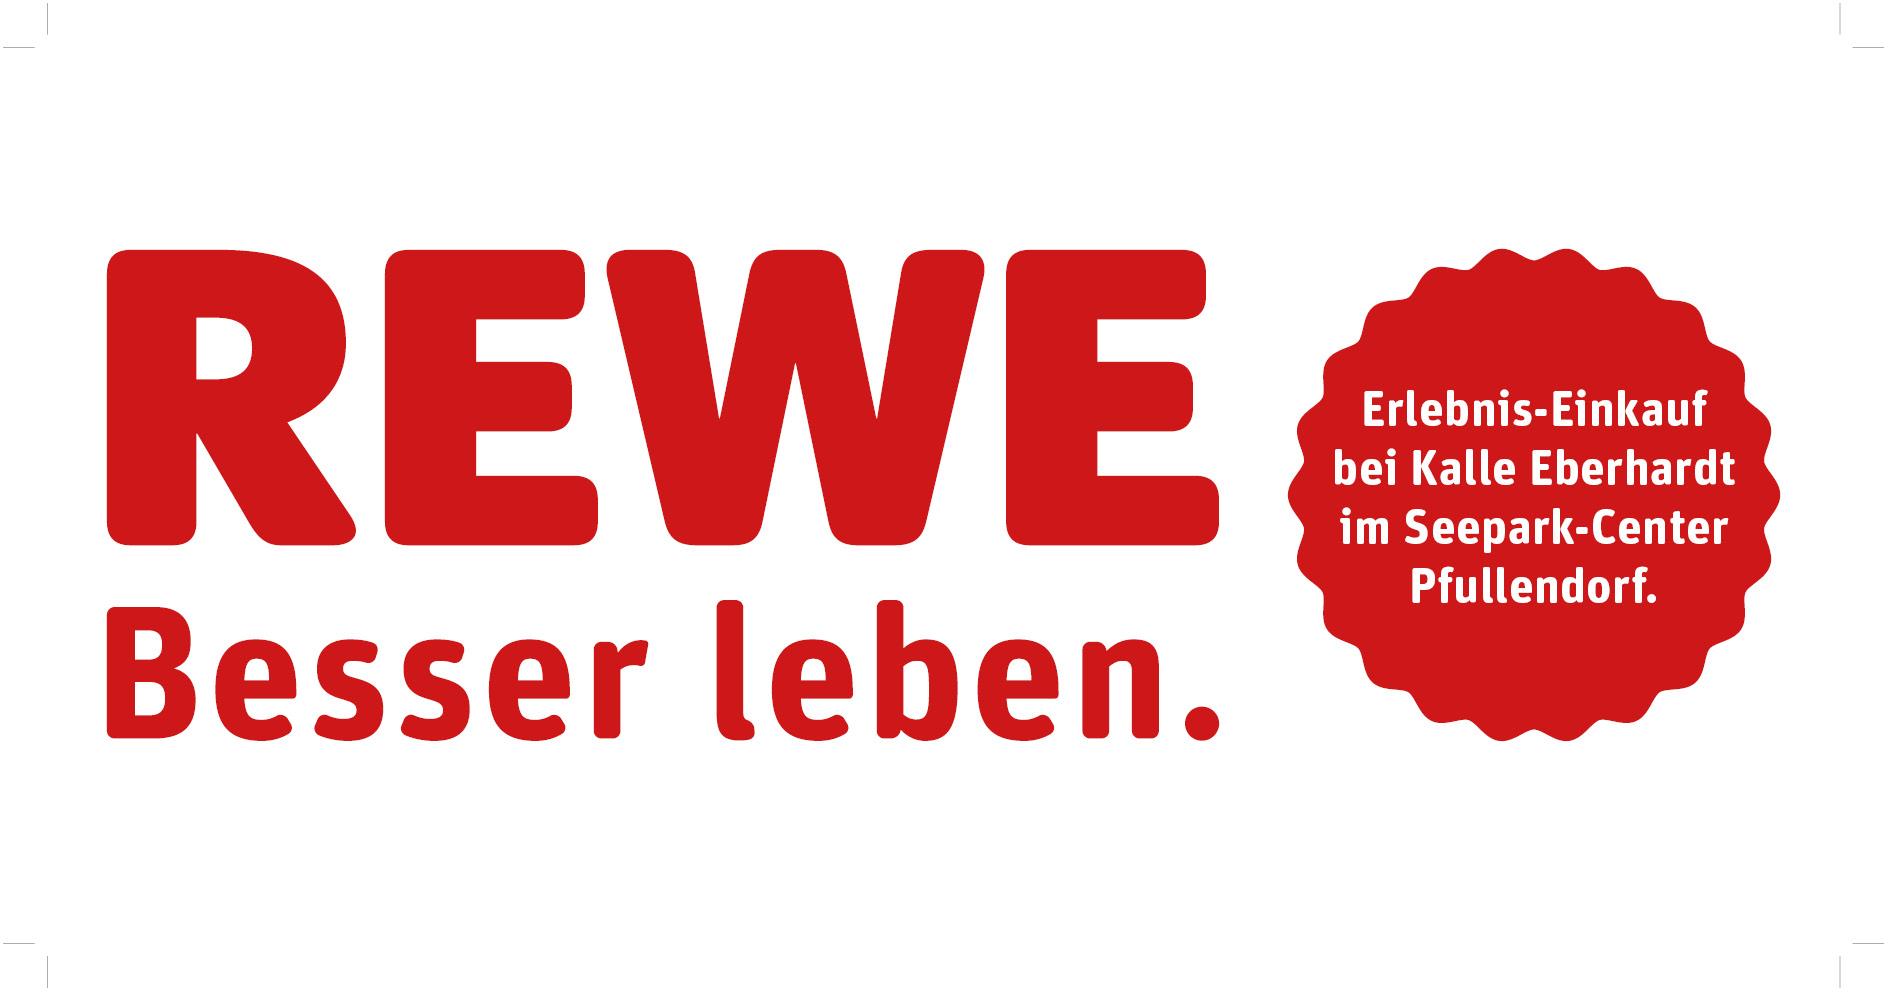 rewe Pfullendorf